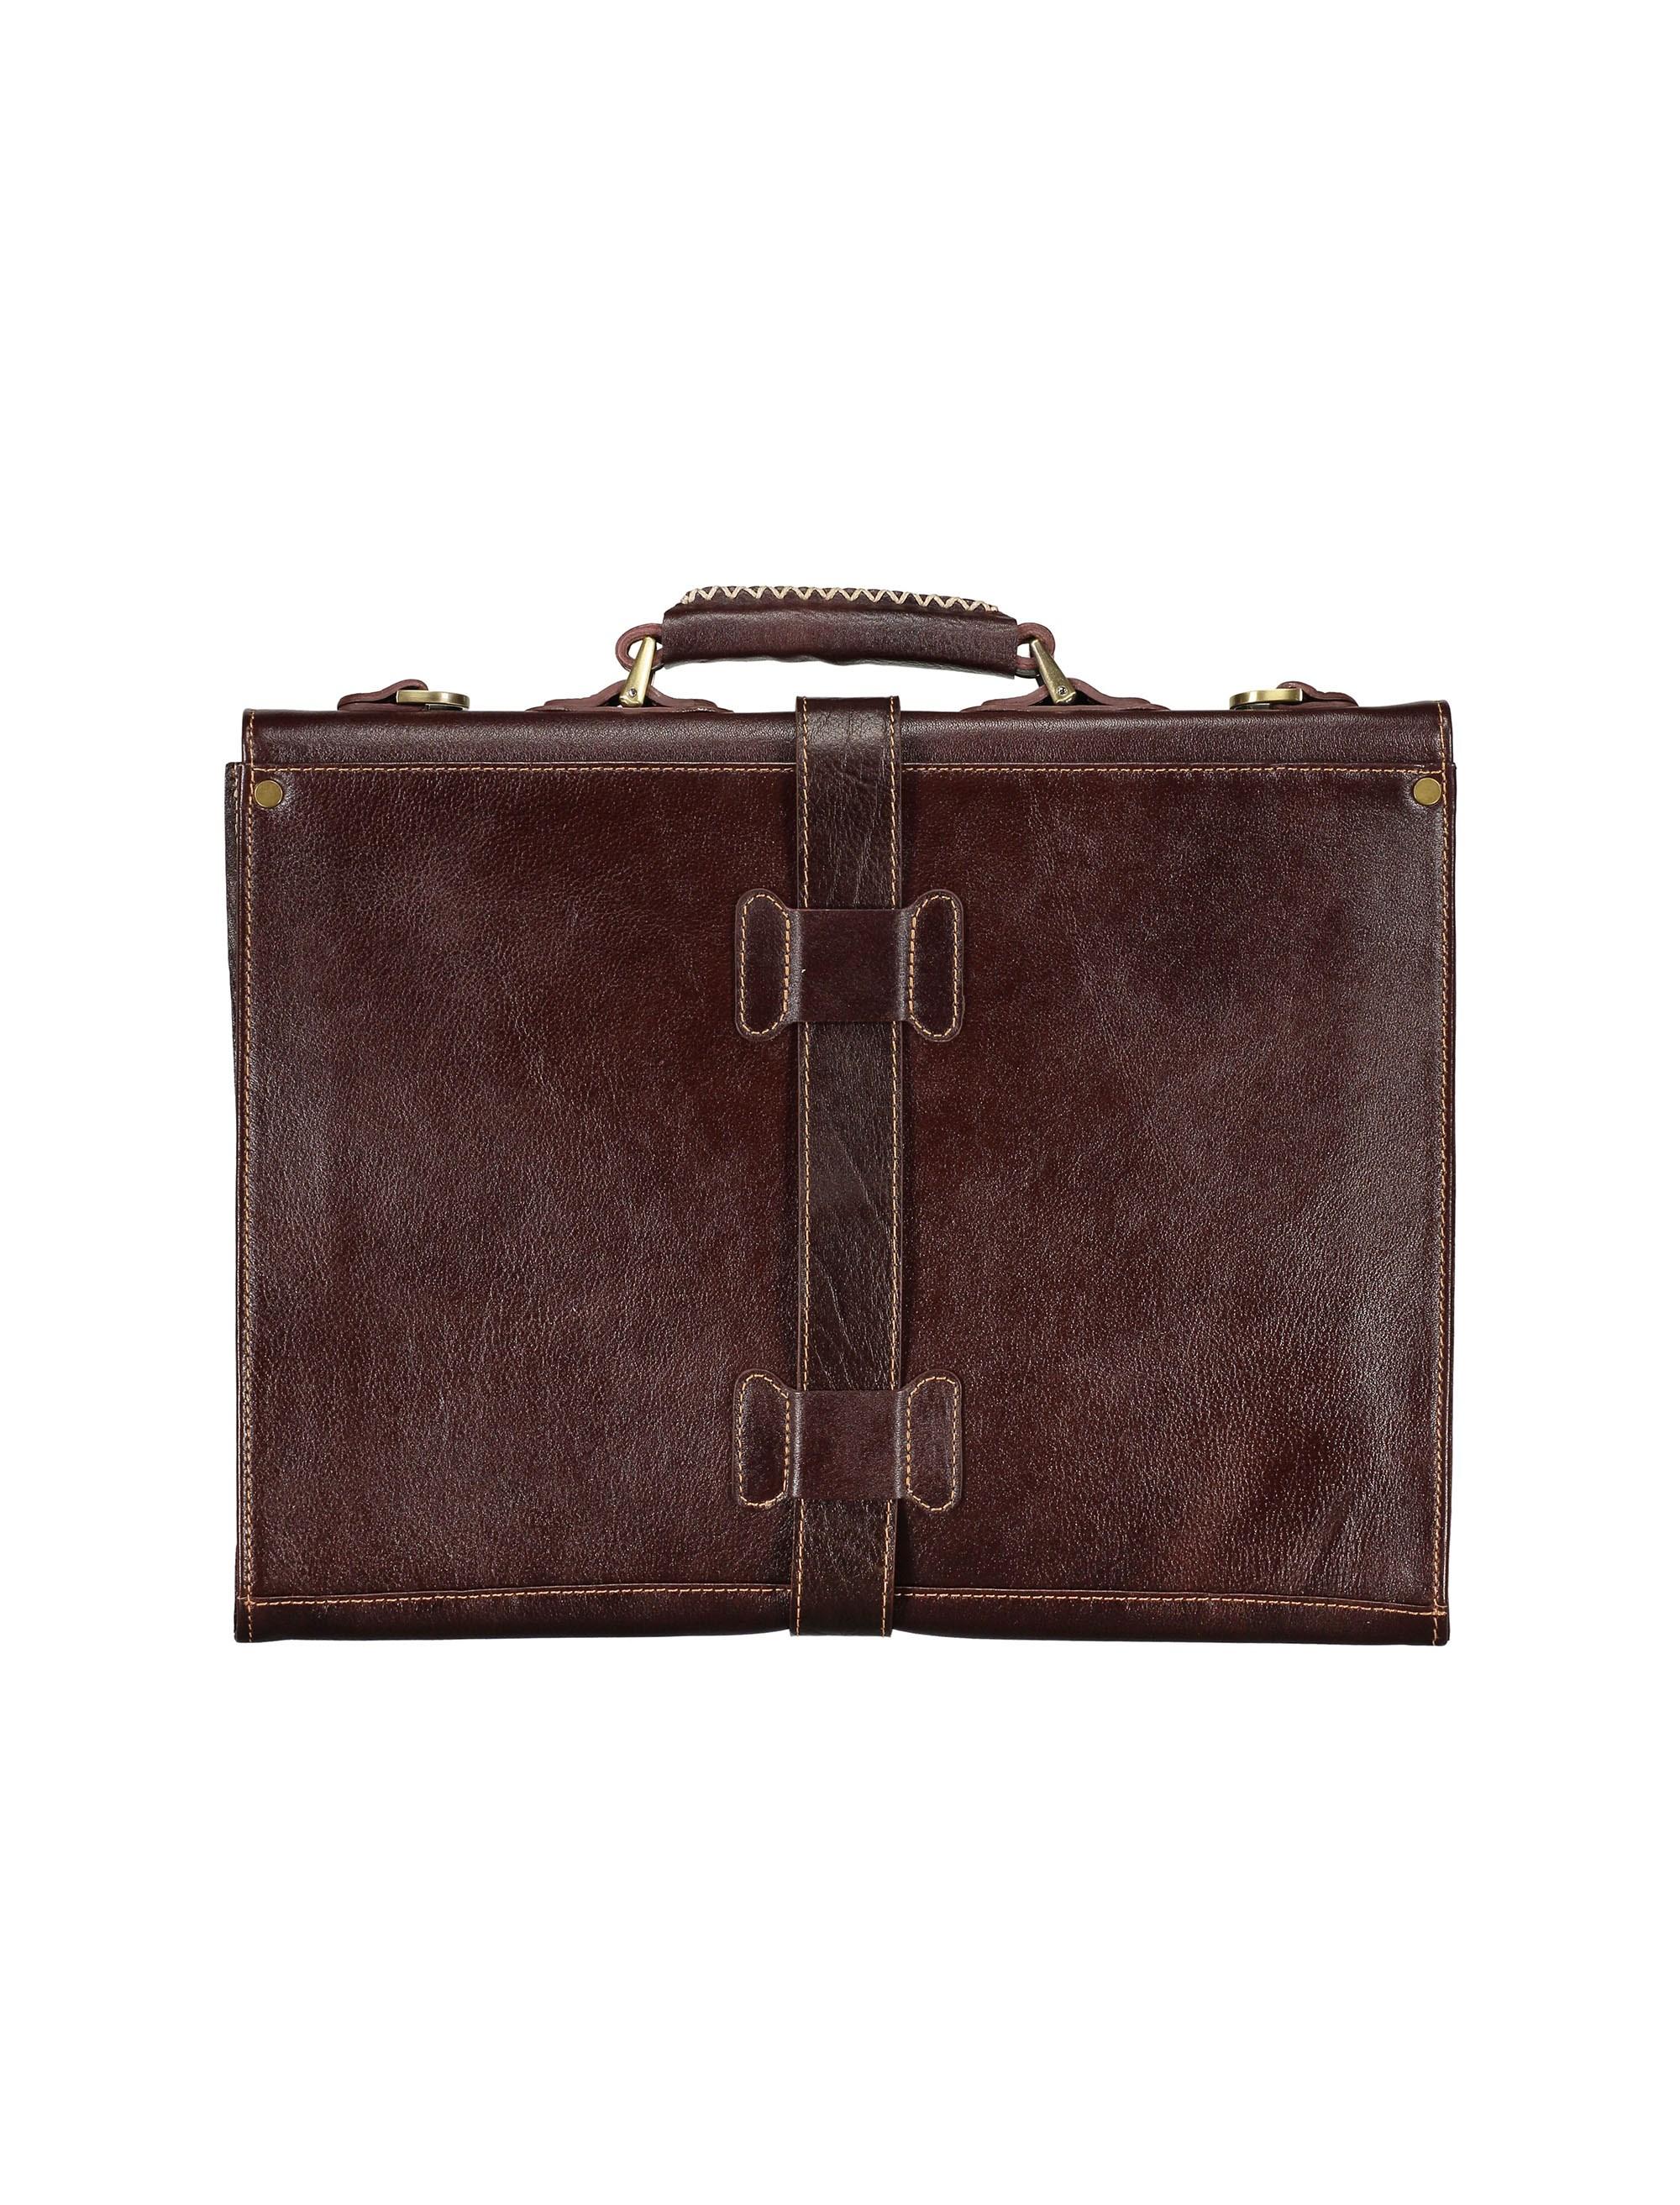 کیف دستی چرم بزرگسال - شهر چرم - قهوه اي  - 2